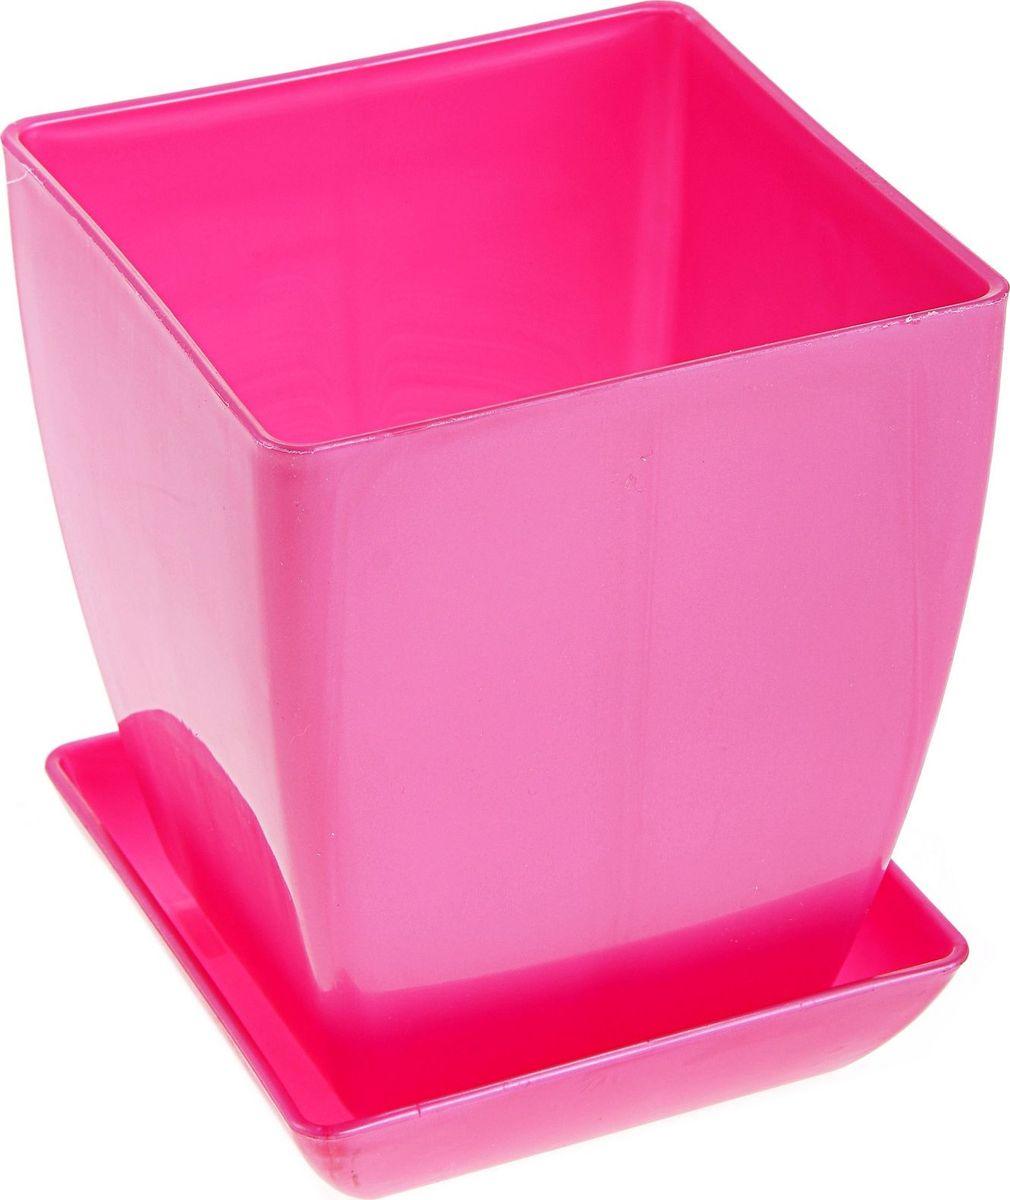 Горшок для цветов Мегапласт Квадрат, с поддоном, цвет: рубиновый перламутр, 1,5 л166501Горшок для цветов Мегапласт Квадрат обладает малым весом и высокой прочностью. С лёгкостью переносите горшки и кашпо с места на место, ставьте их на столики или полки, подвешивайте под потолок, не беспокоясь о нагрузке. Пластиковые изделия не нуждаются в специальных условиях хранения. Их легко чистить - достаточно просто сполоснуть тёплой водой. Пластиковые кашпо не царапают и не загрязняют поверхности, на которых стоят. Пластик дольше хранит влагу, а значит растение реже нуждается в поливе.Пластмасса не пропускает воздух, а значит, корневой системе растения не грозят резкие перепады температур. Соблюдая нехитрые правила ухода, вы можете заметно продлить срок службы горшков, вазонов и кашпо из пластика:- всегда учитывайте размер кроны и корневой системы растения (при разрастании большое растение способно повредить маленький горшок). - берегите изделие от воздействия прямых солнечных лучей, чтобы кашпо и горшки не выцветали. - держите кашпо и горшки из пластика подальше от нагревающихся поверхностей. Любой, даже самый современный и продуманный интерьер будет не завершённым без растений. Они не только очищают воздух и насыщают его кислородом, но и заметно украшают окружающее пространство. Такому полезному члену семьи просто необходимо красивое и функциональное кашпо, оригинальный горшок или необычная ваза!